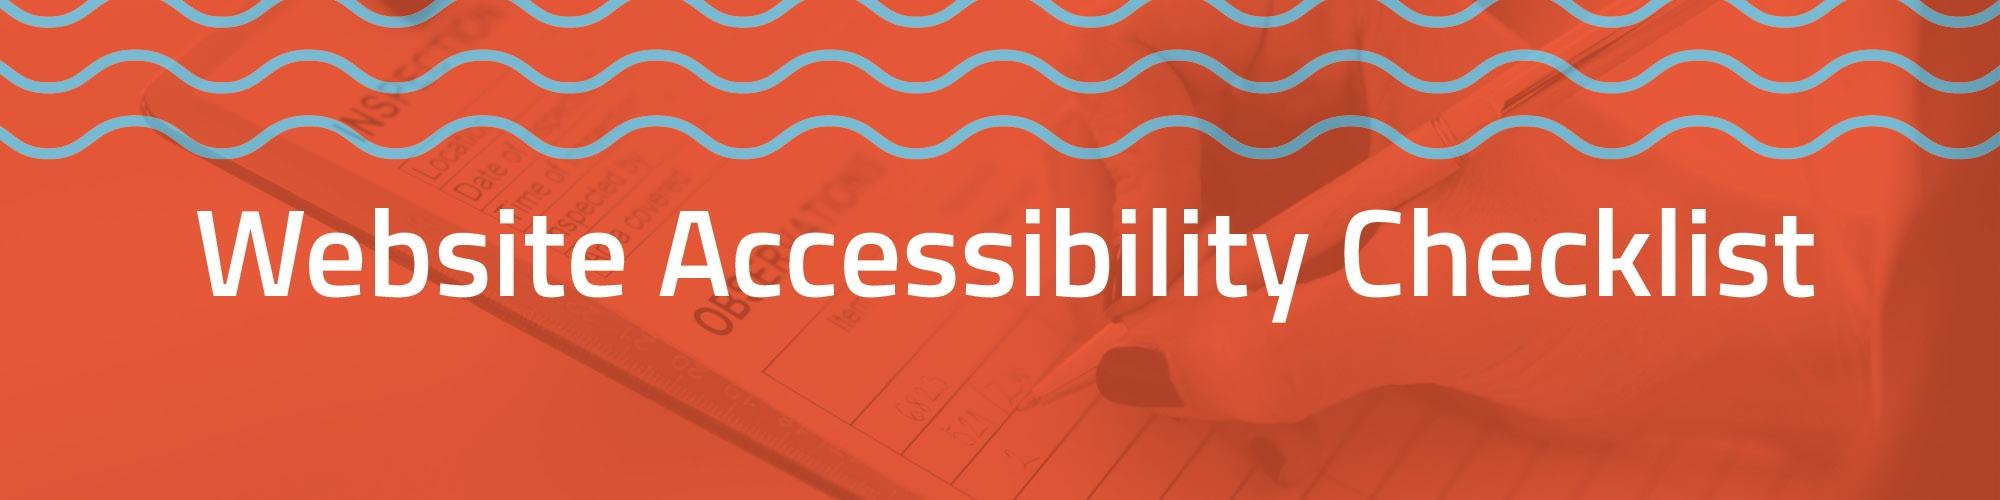 Website Accessibility Checklist_Header.jpg